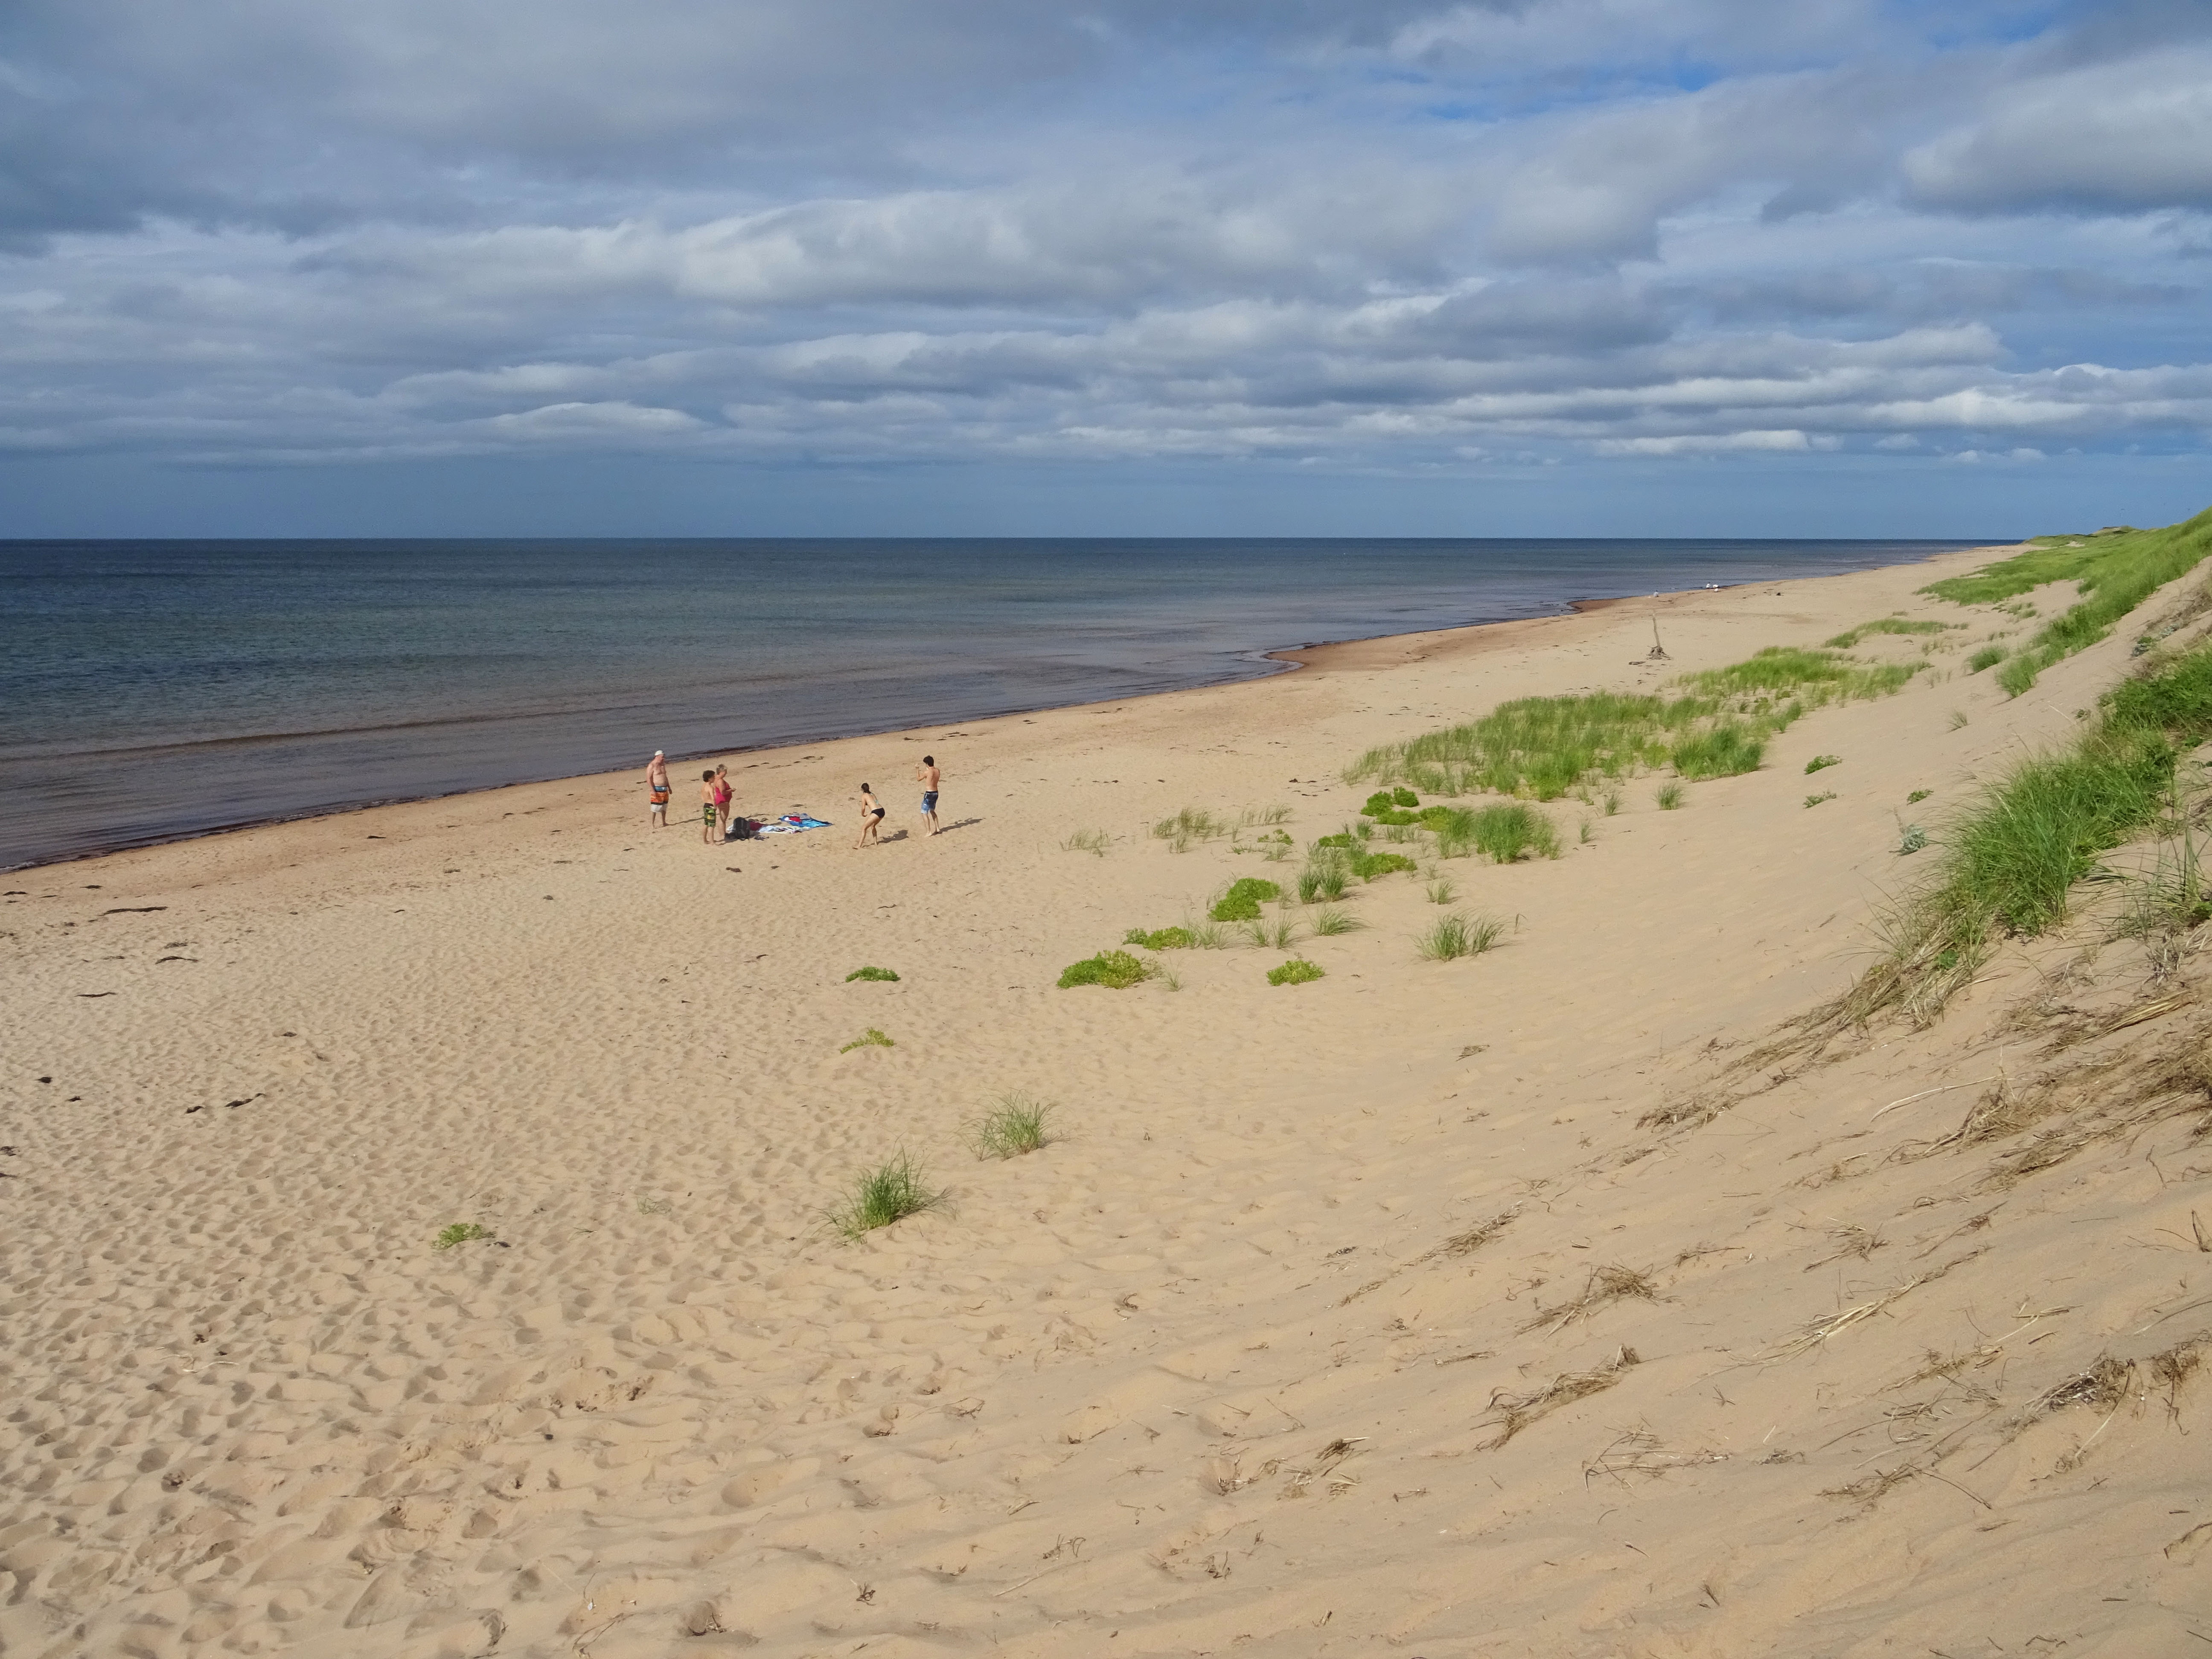 Plage Canada Parc national de l'île du prince edouard greenwich dunes de sable itinéraire road trip est canadien en été